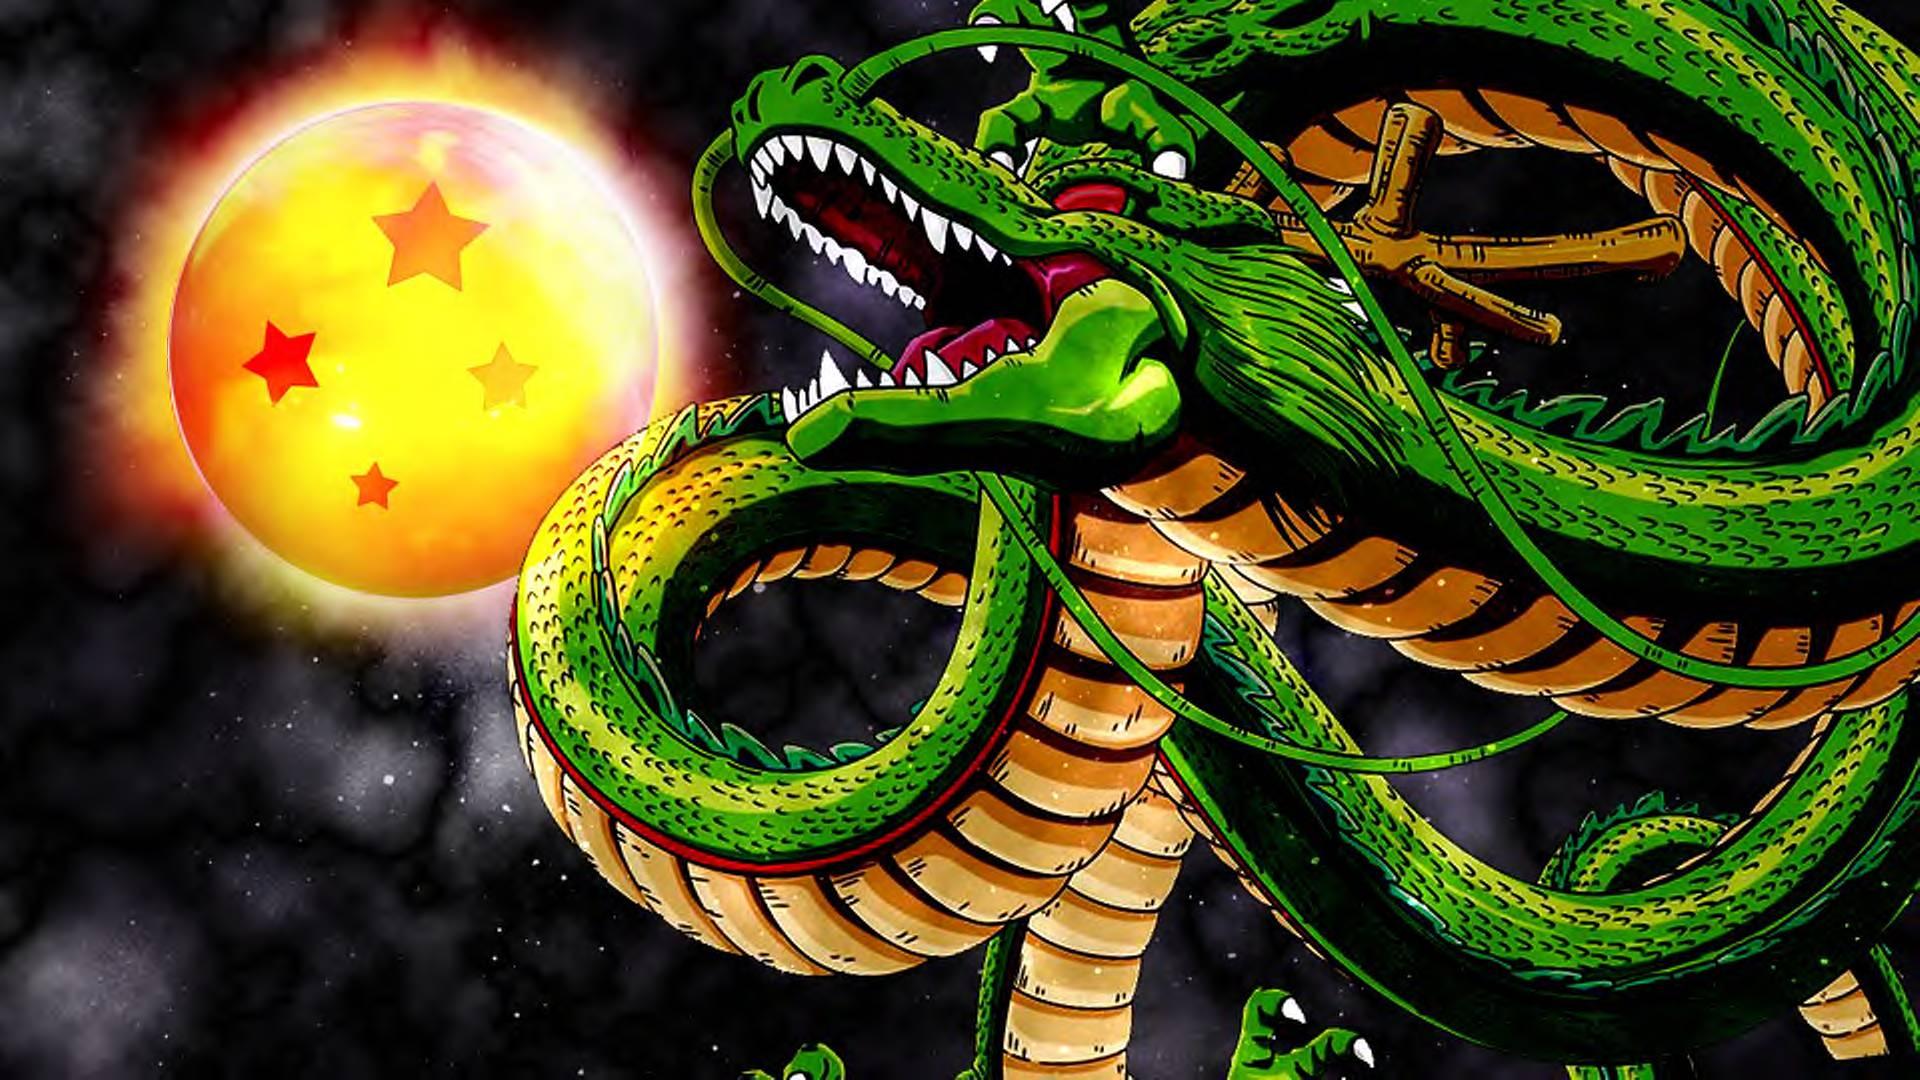 Dragon Ball Z Dragon Wallpaper 6076 Wallpaper Cool Walldiskpaper 1920x1080